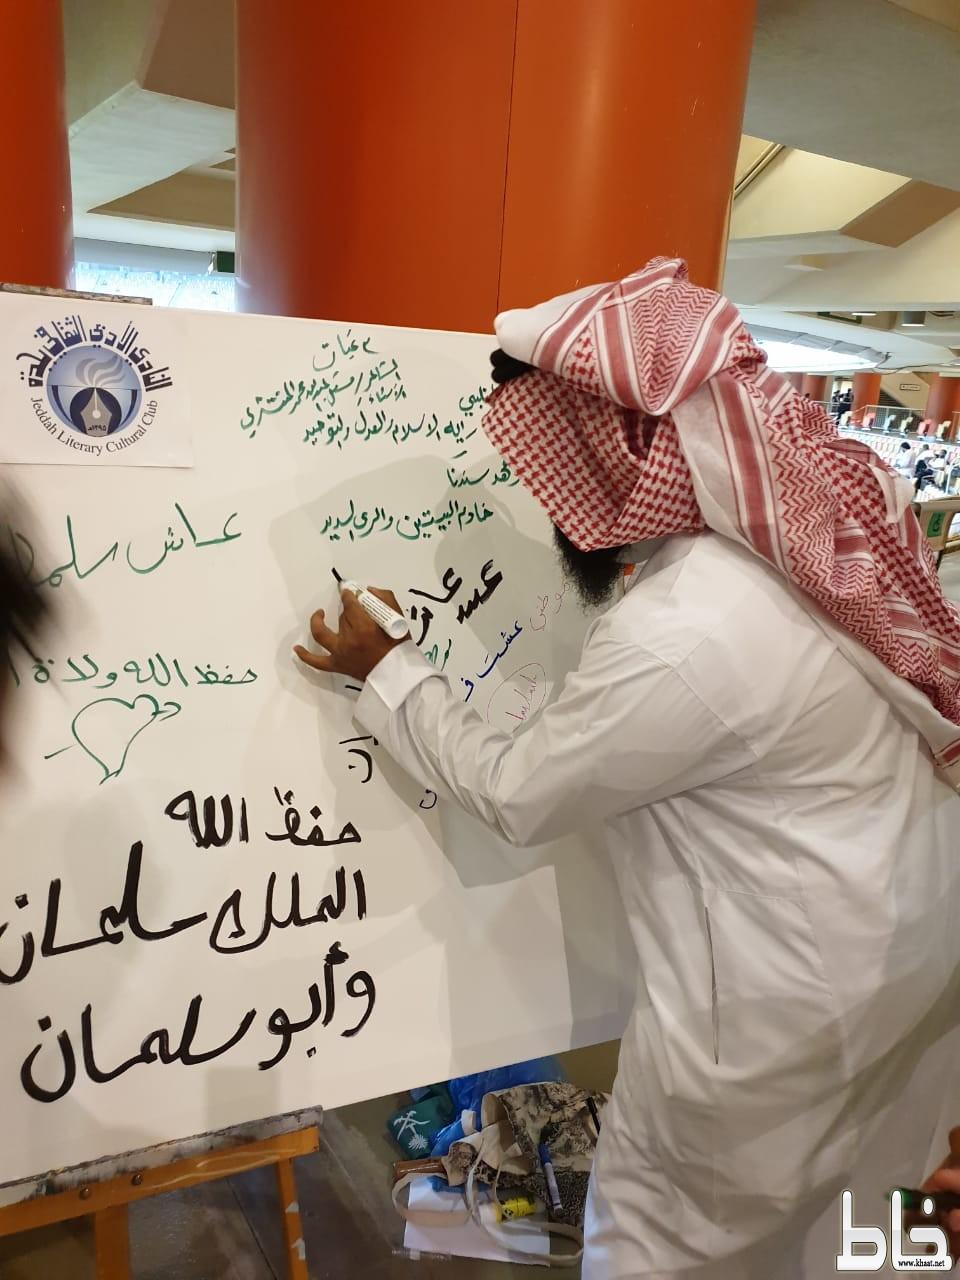 مشاعر الجماهير الوطنيه في جدارية ادبي جدة وجمعية الثقافة